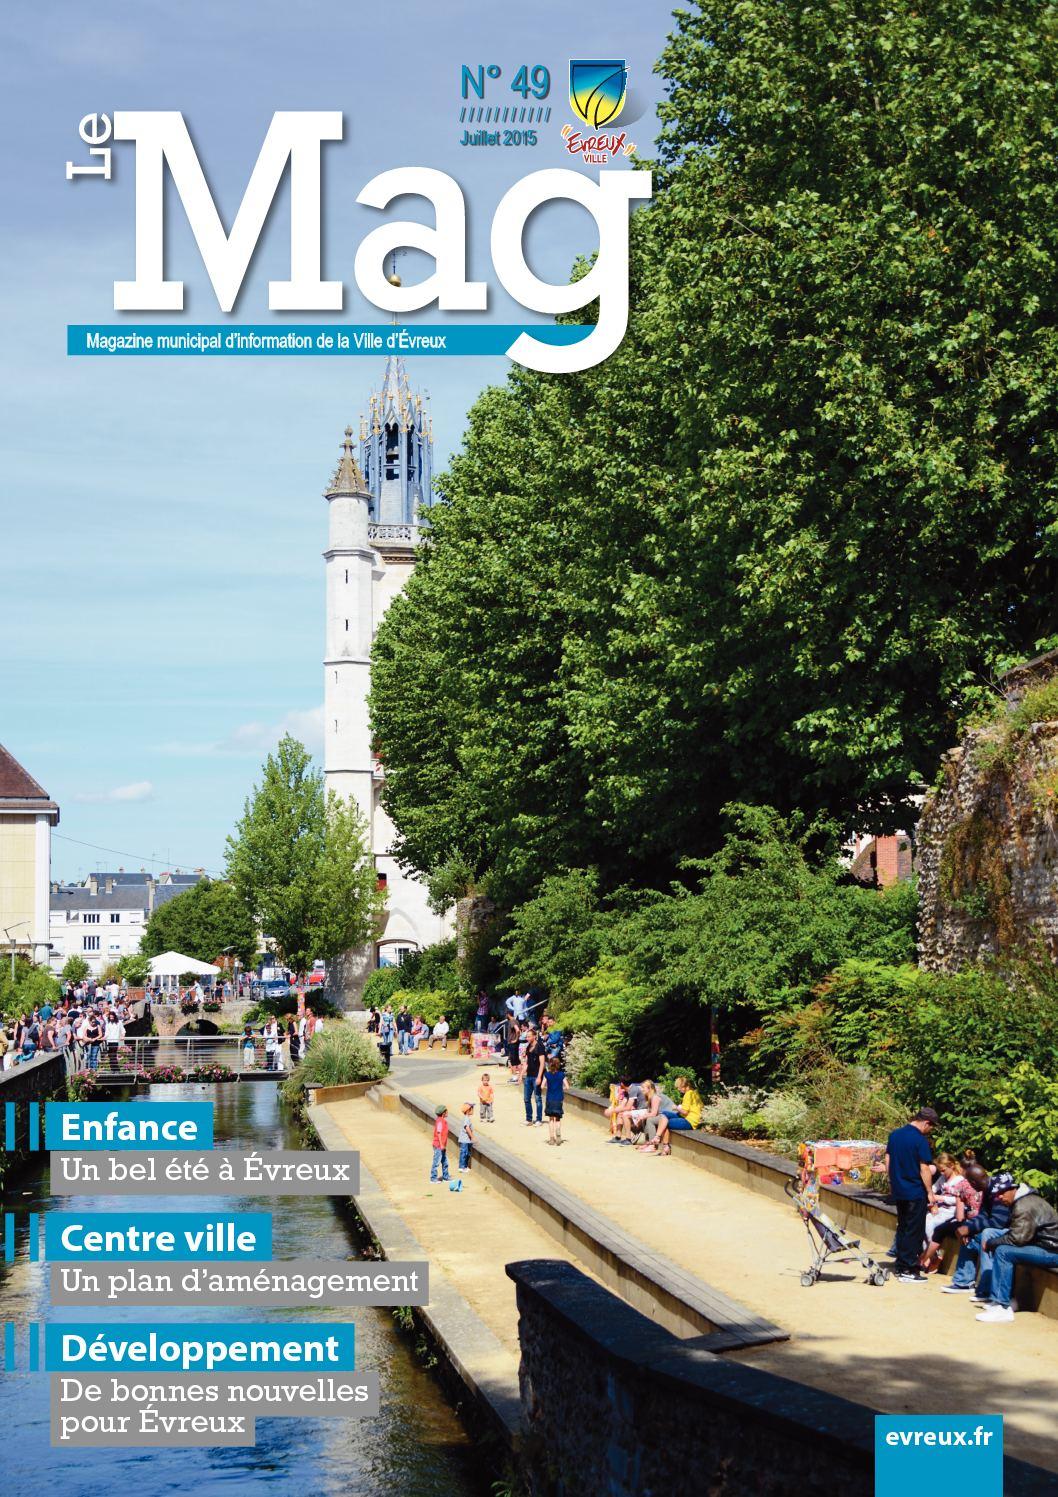 Calaméo - Le Mag - Magazine De La Ville D'evreux - N°49 Juillet avec Piscine Jean Bouin Evreux